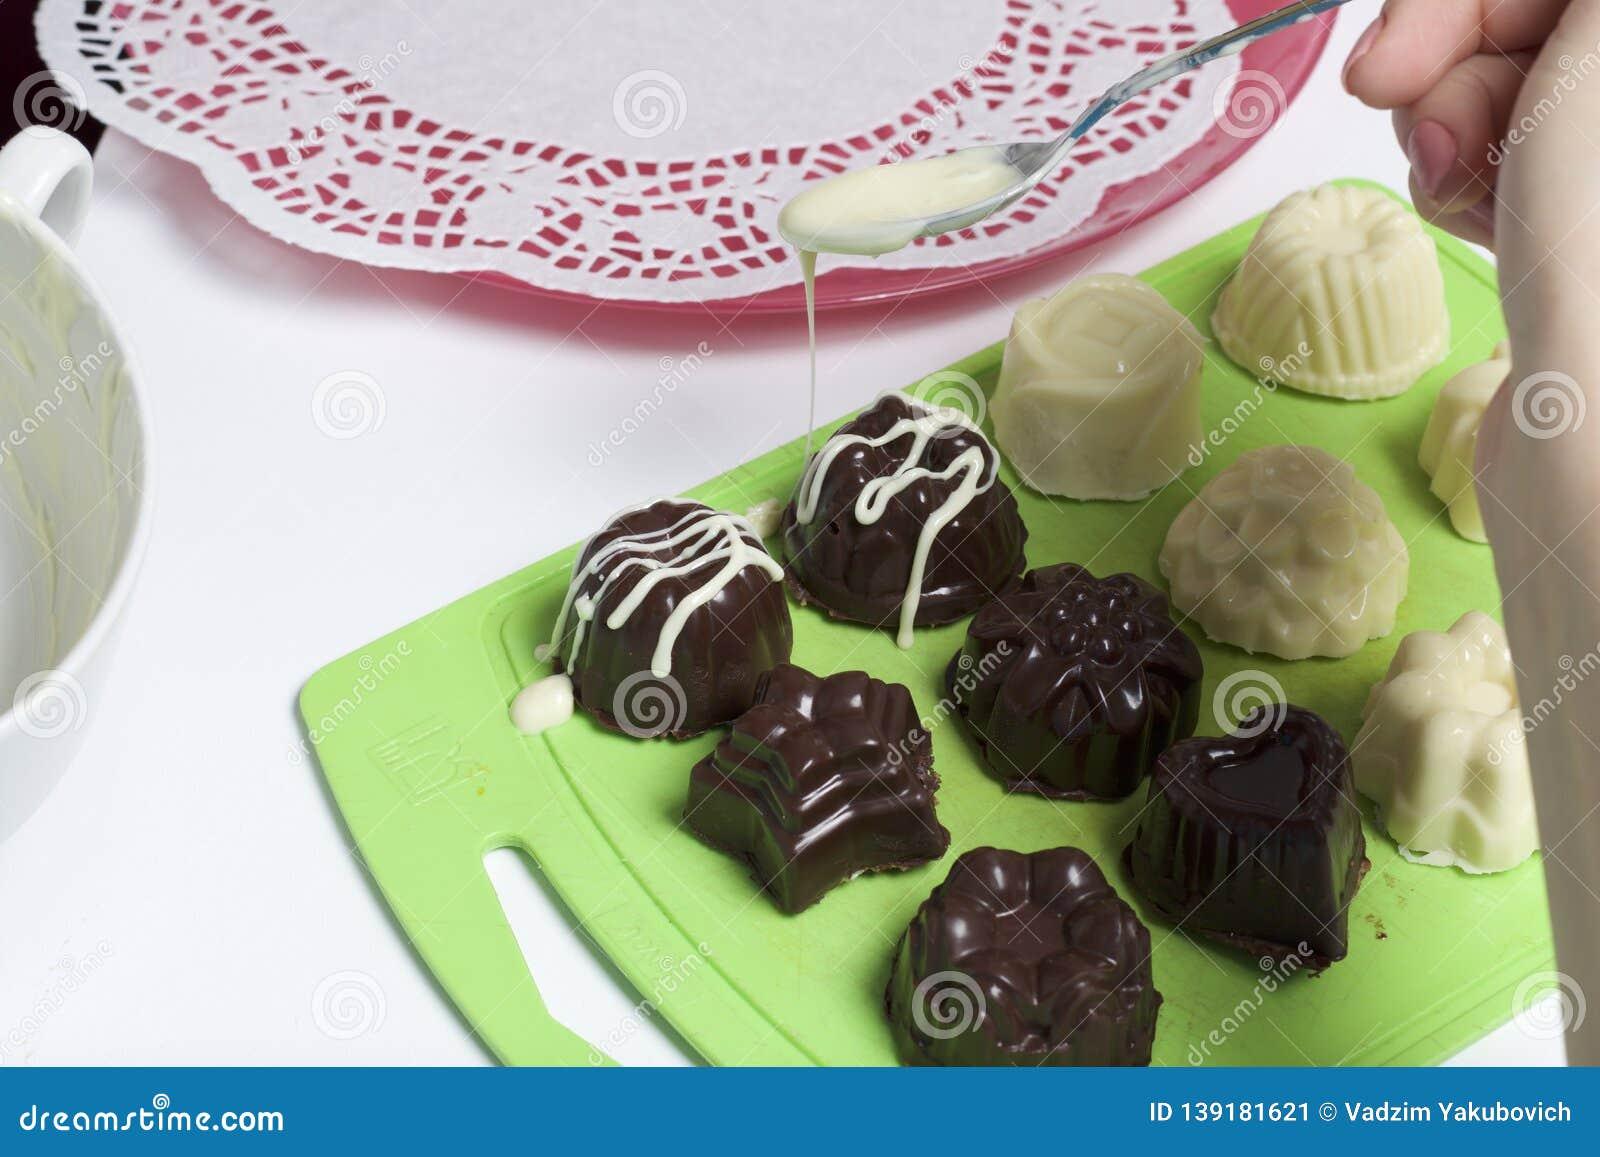 烹调甜点用椰子和浓缩牛奶 在白色和黑巧克力釉